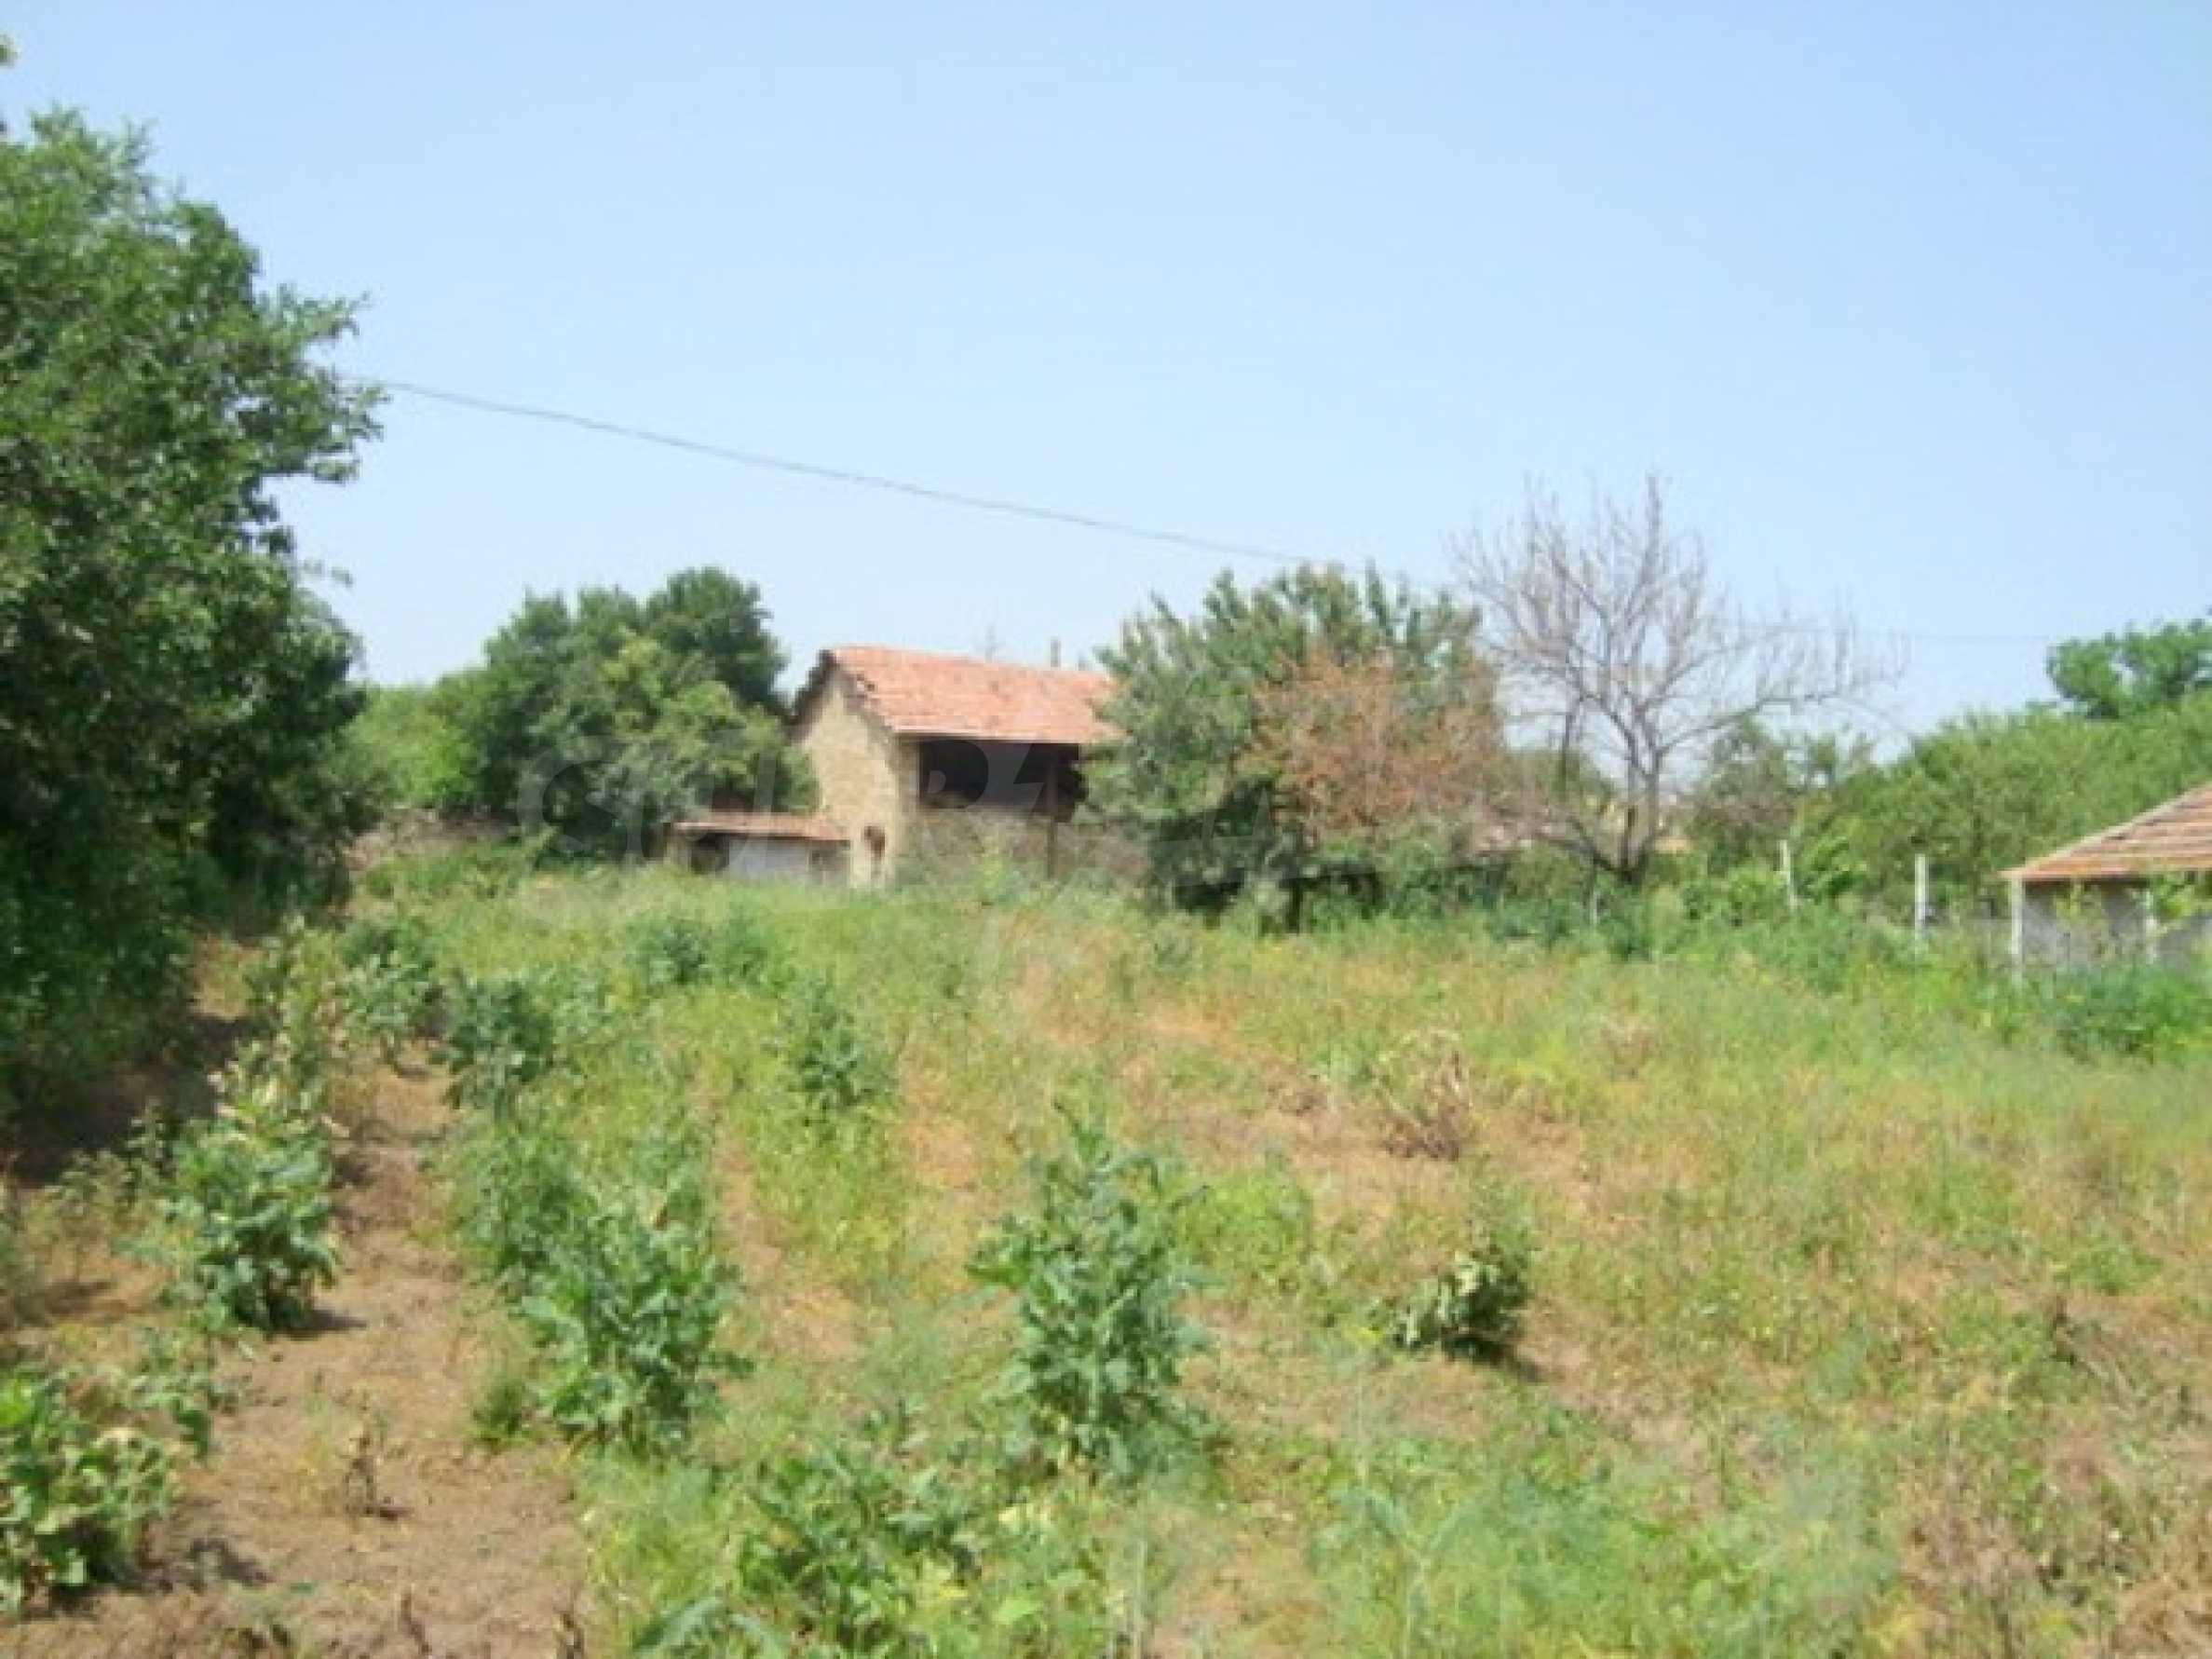 House in the village of Gorna Lipnica, Veliko Tarnovo 19